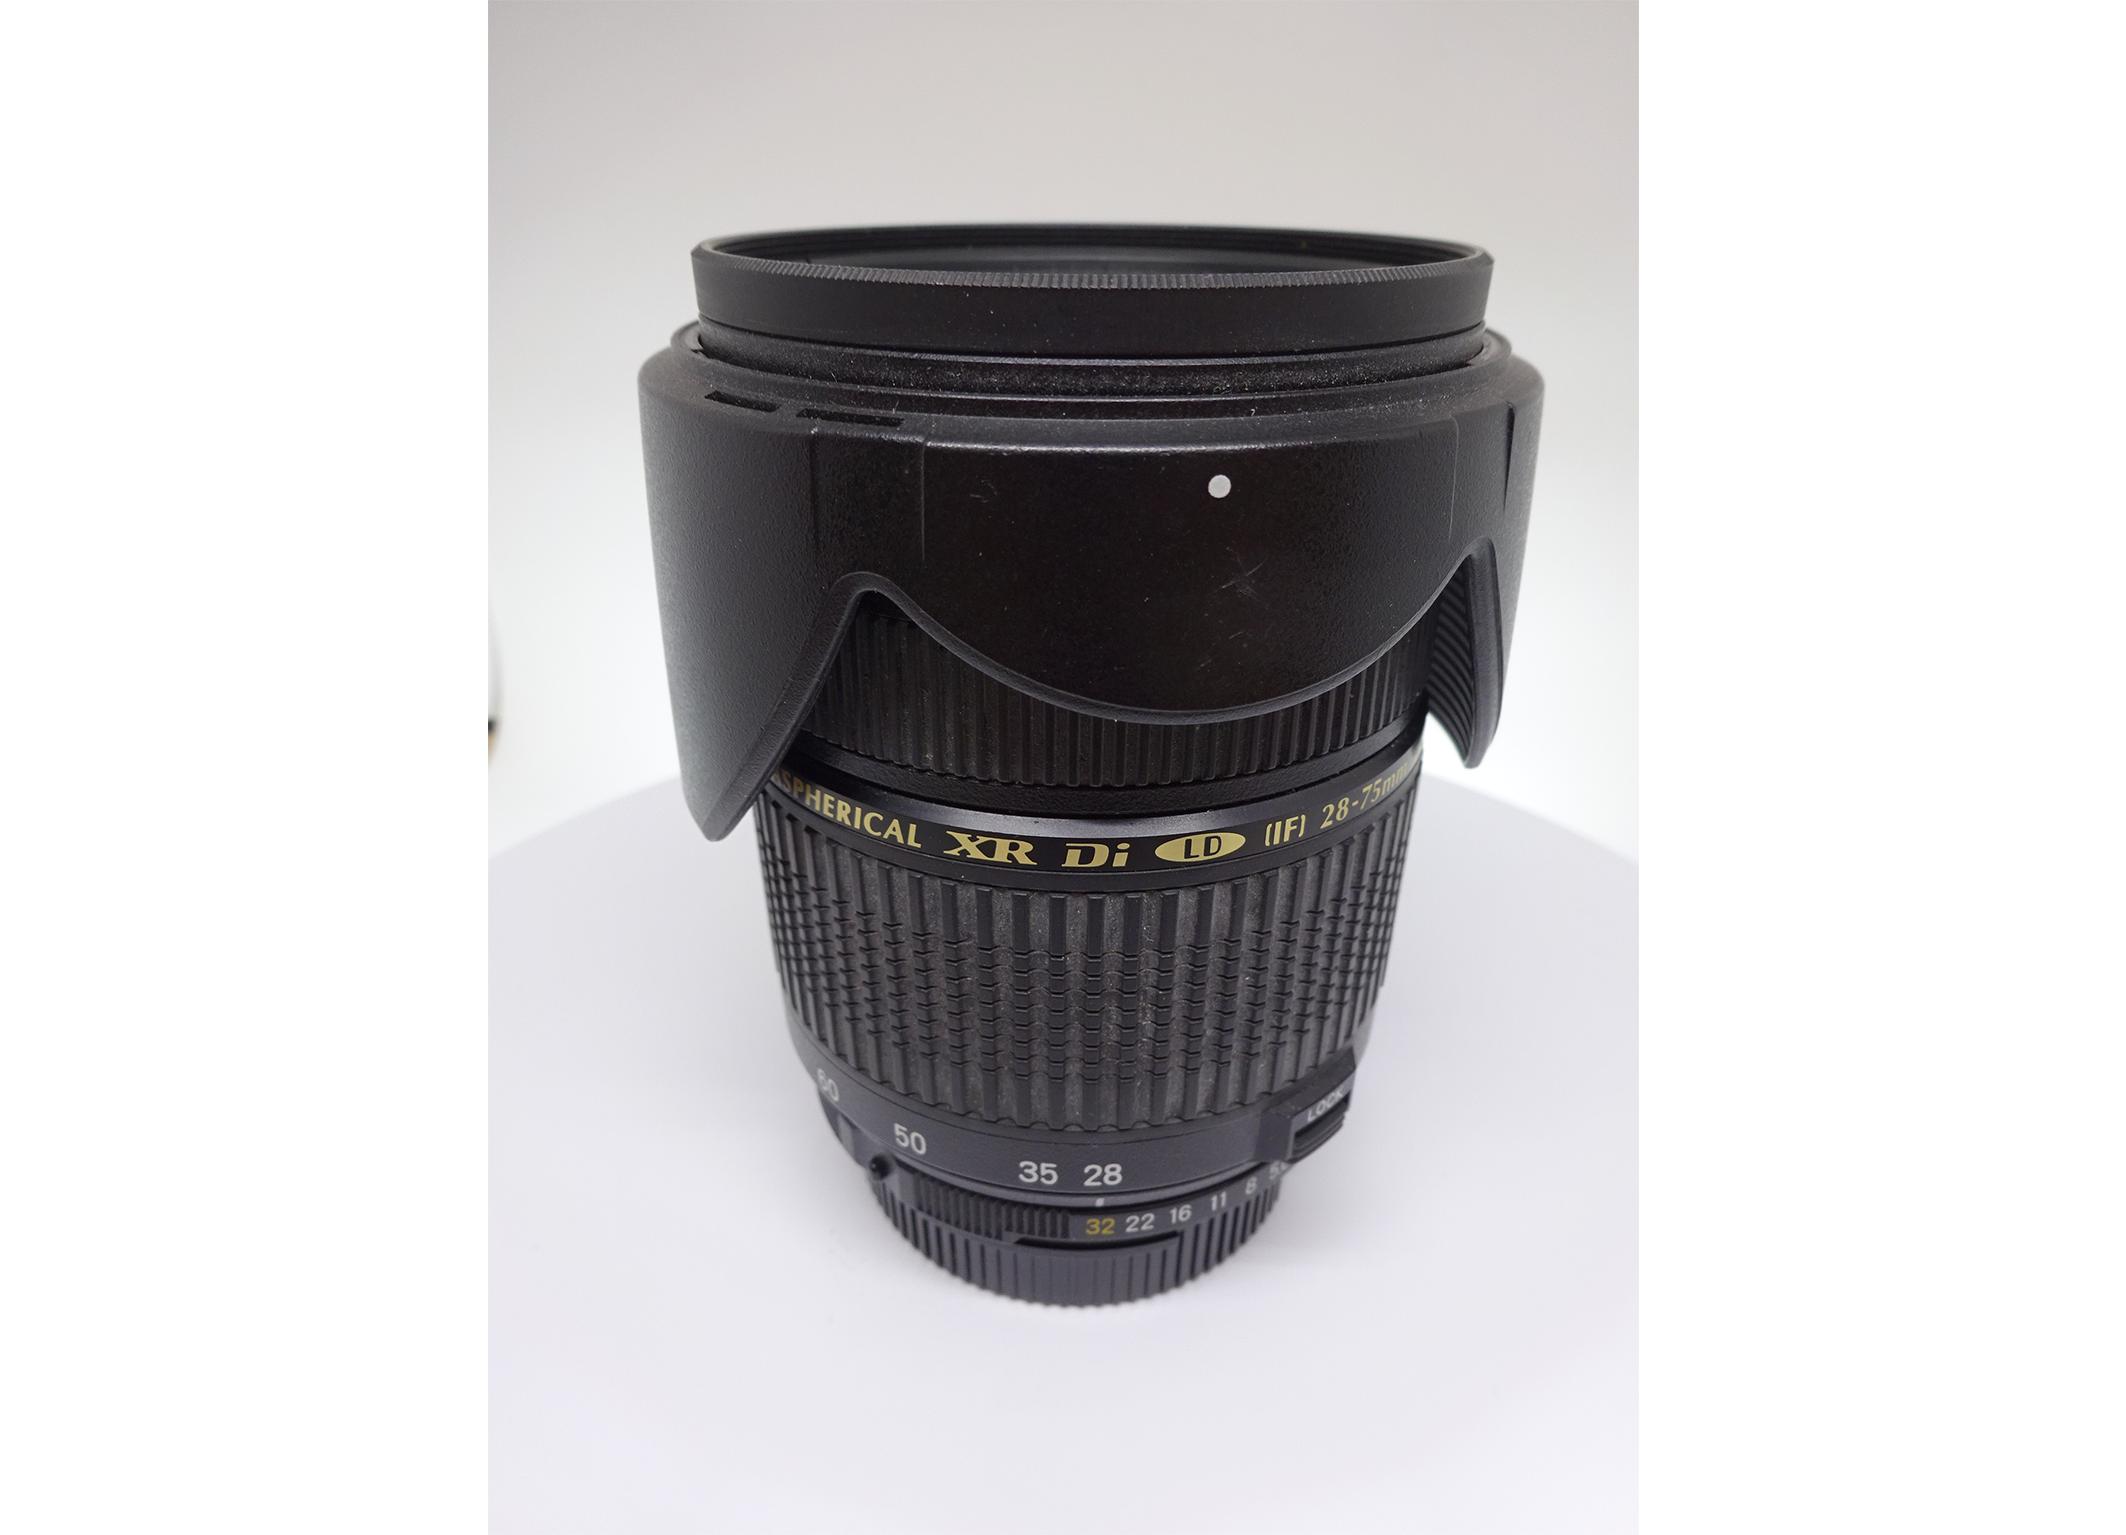 Entfernungsmesser Nikon Gebraucht : Nikon forestry pro laser entfernungsmesser